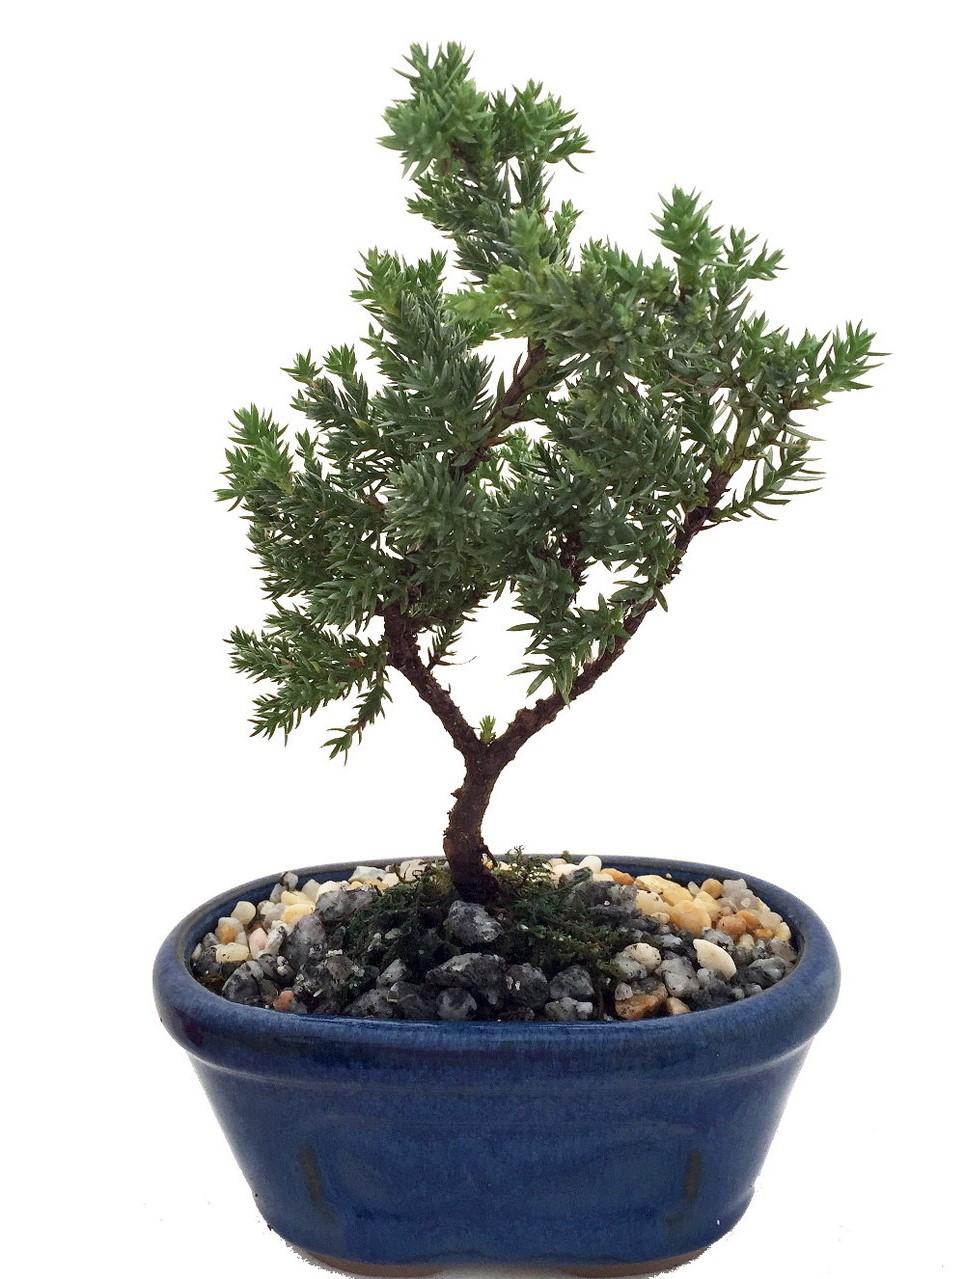 Par conséquent, assurez-vous de placer votre bonsaï dans un endroit lumineux, de préférence directement devant une fenêtre orientée au sud.